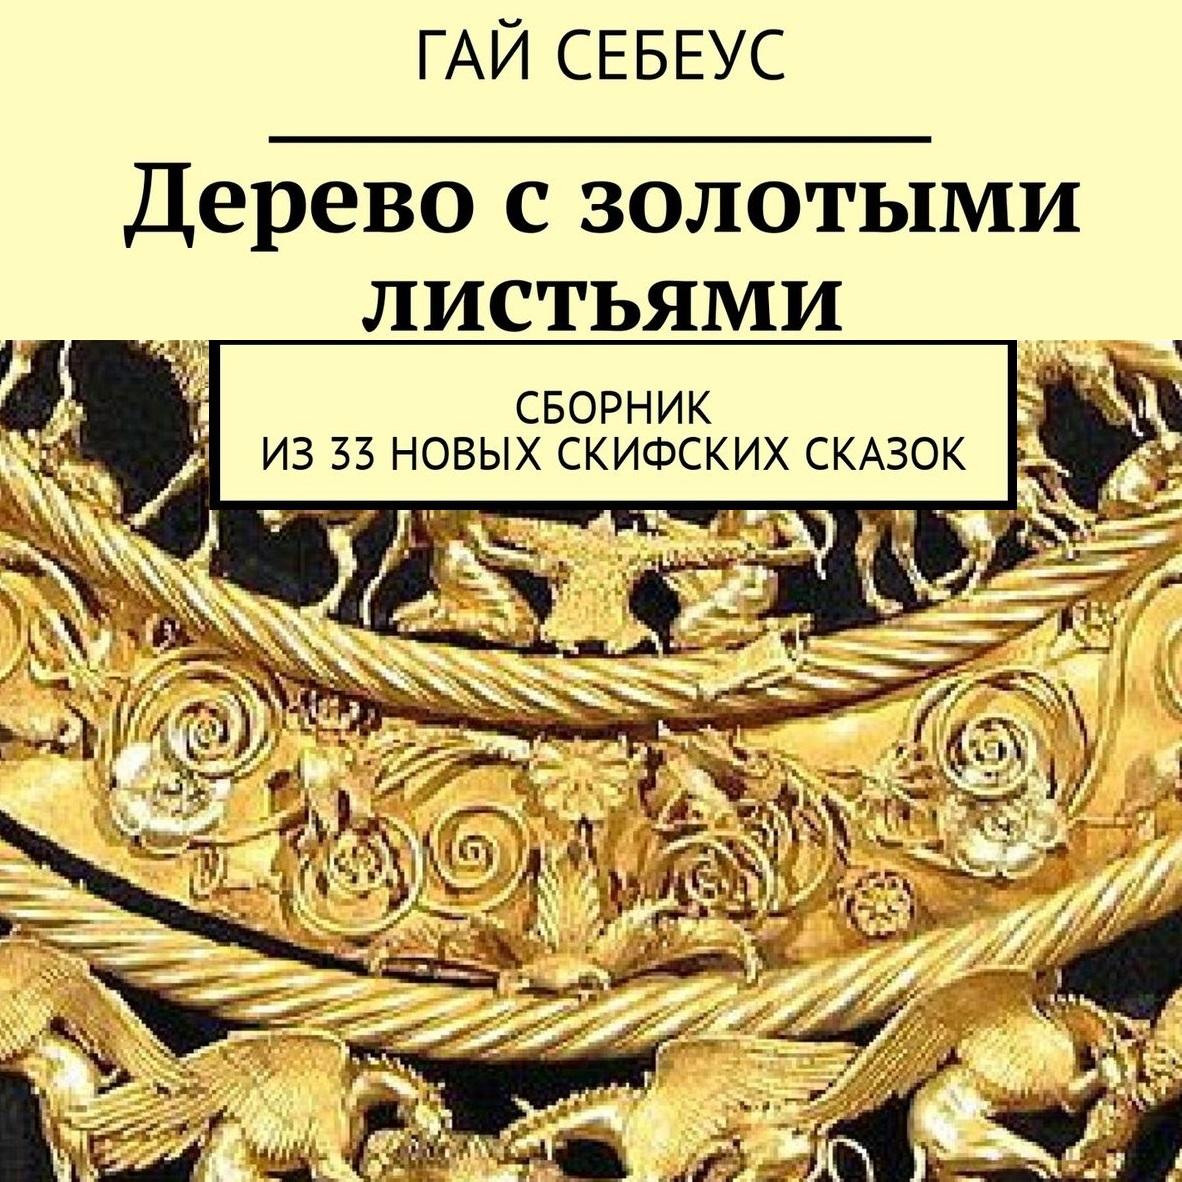 Гай Себеус. Дерево с золотыми листьями. Сборник из33новых скифских сказок